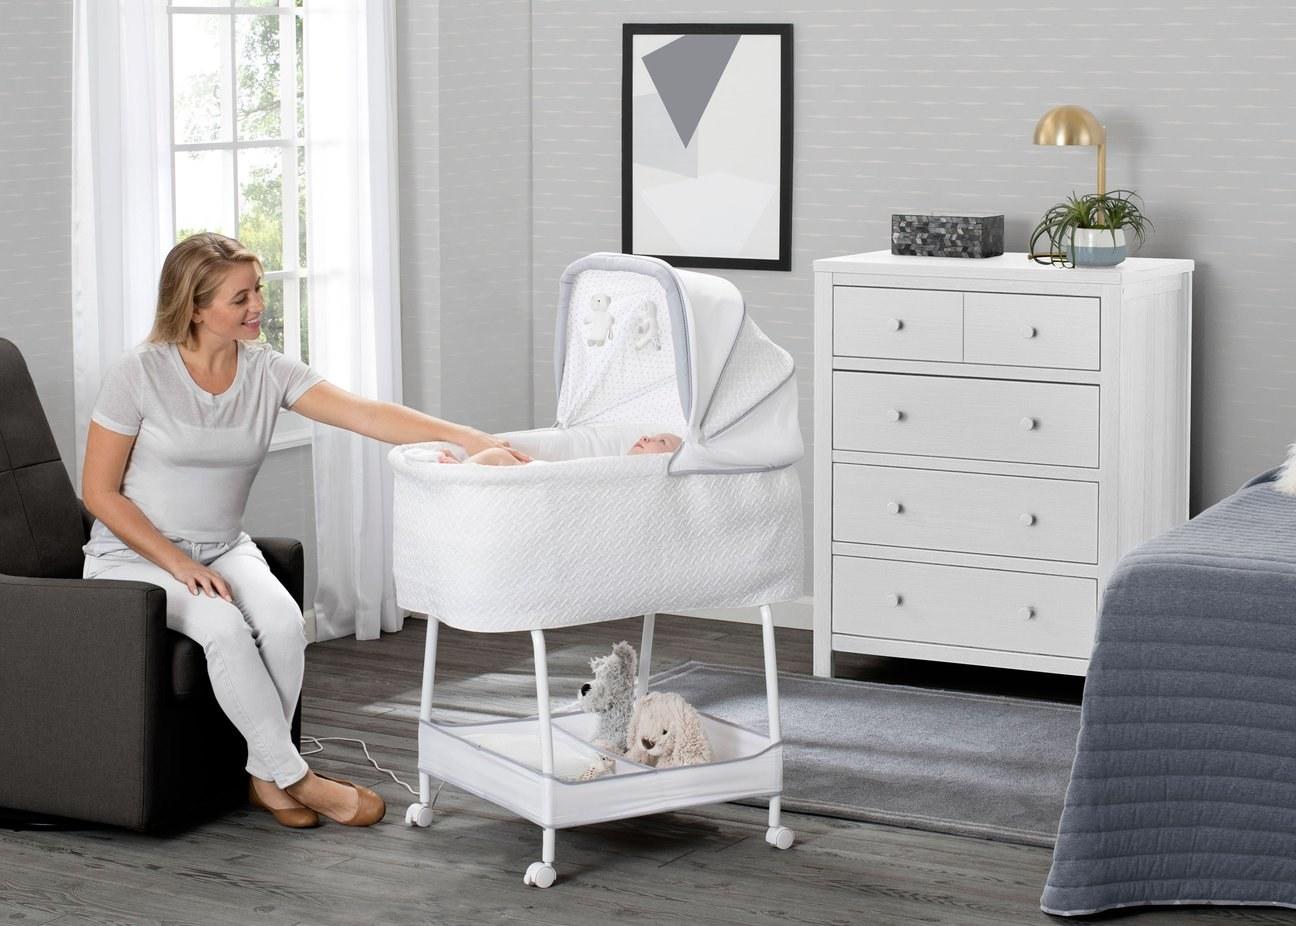 a white bassinet